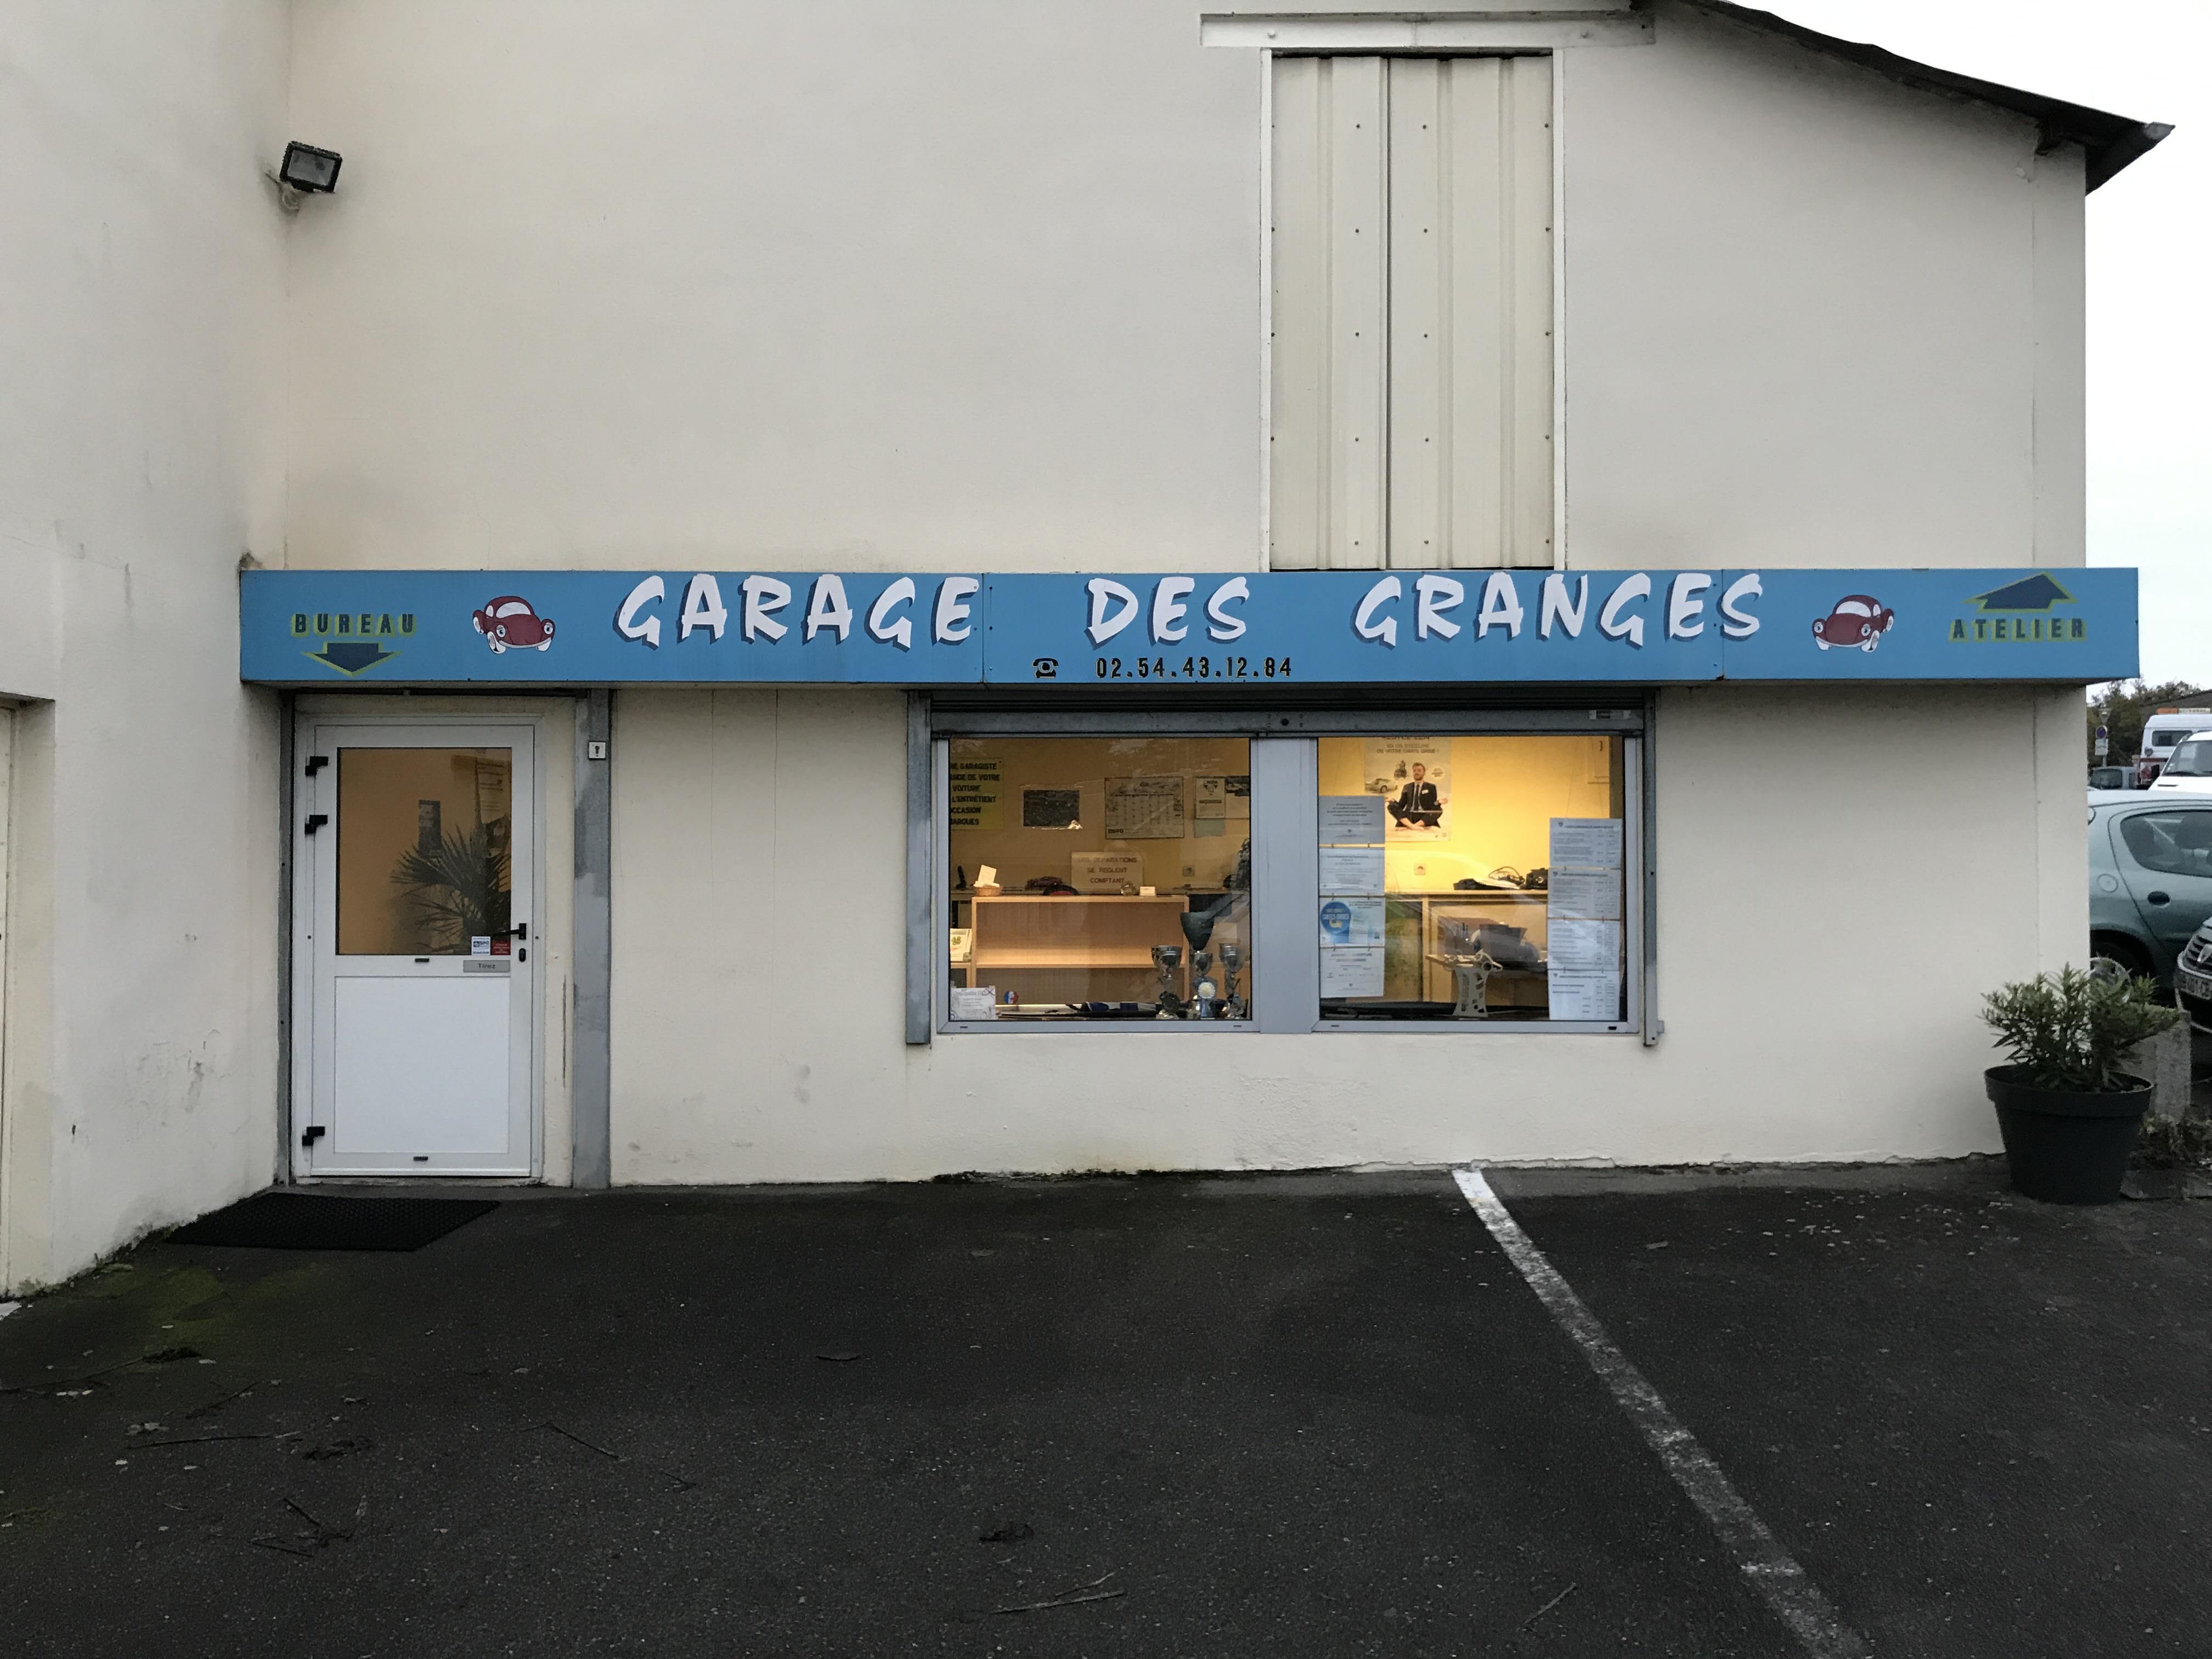 Garage des Granges à Blois (41) - Vente de véhicules neufs et occasions